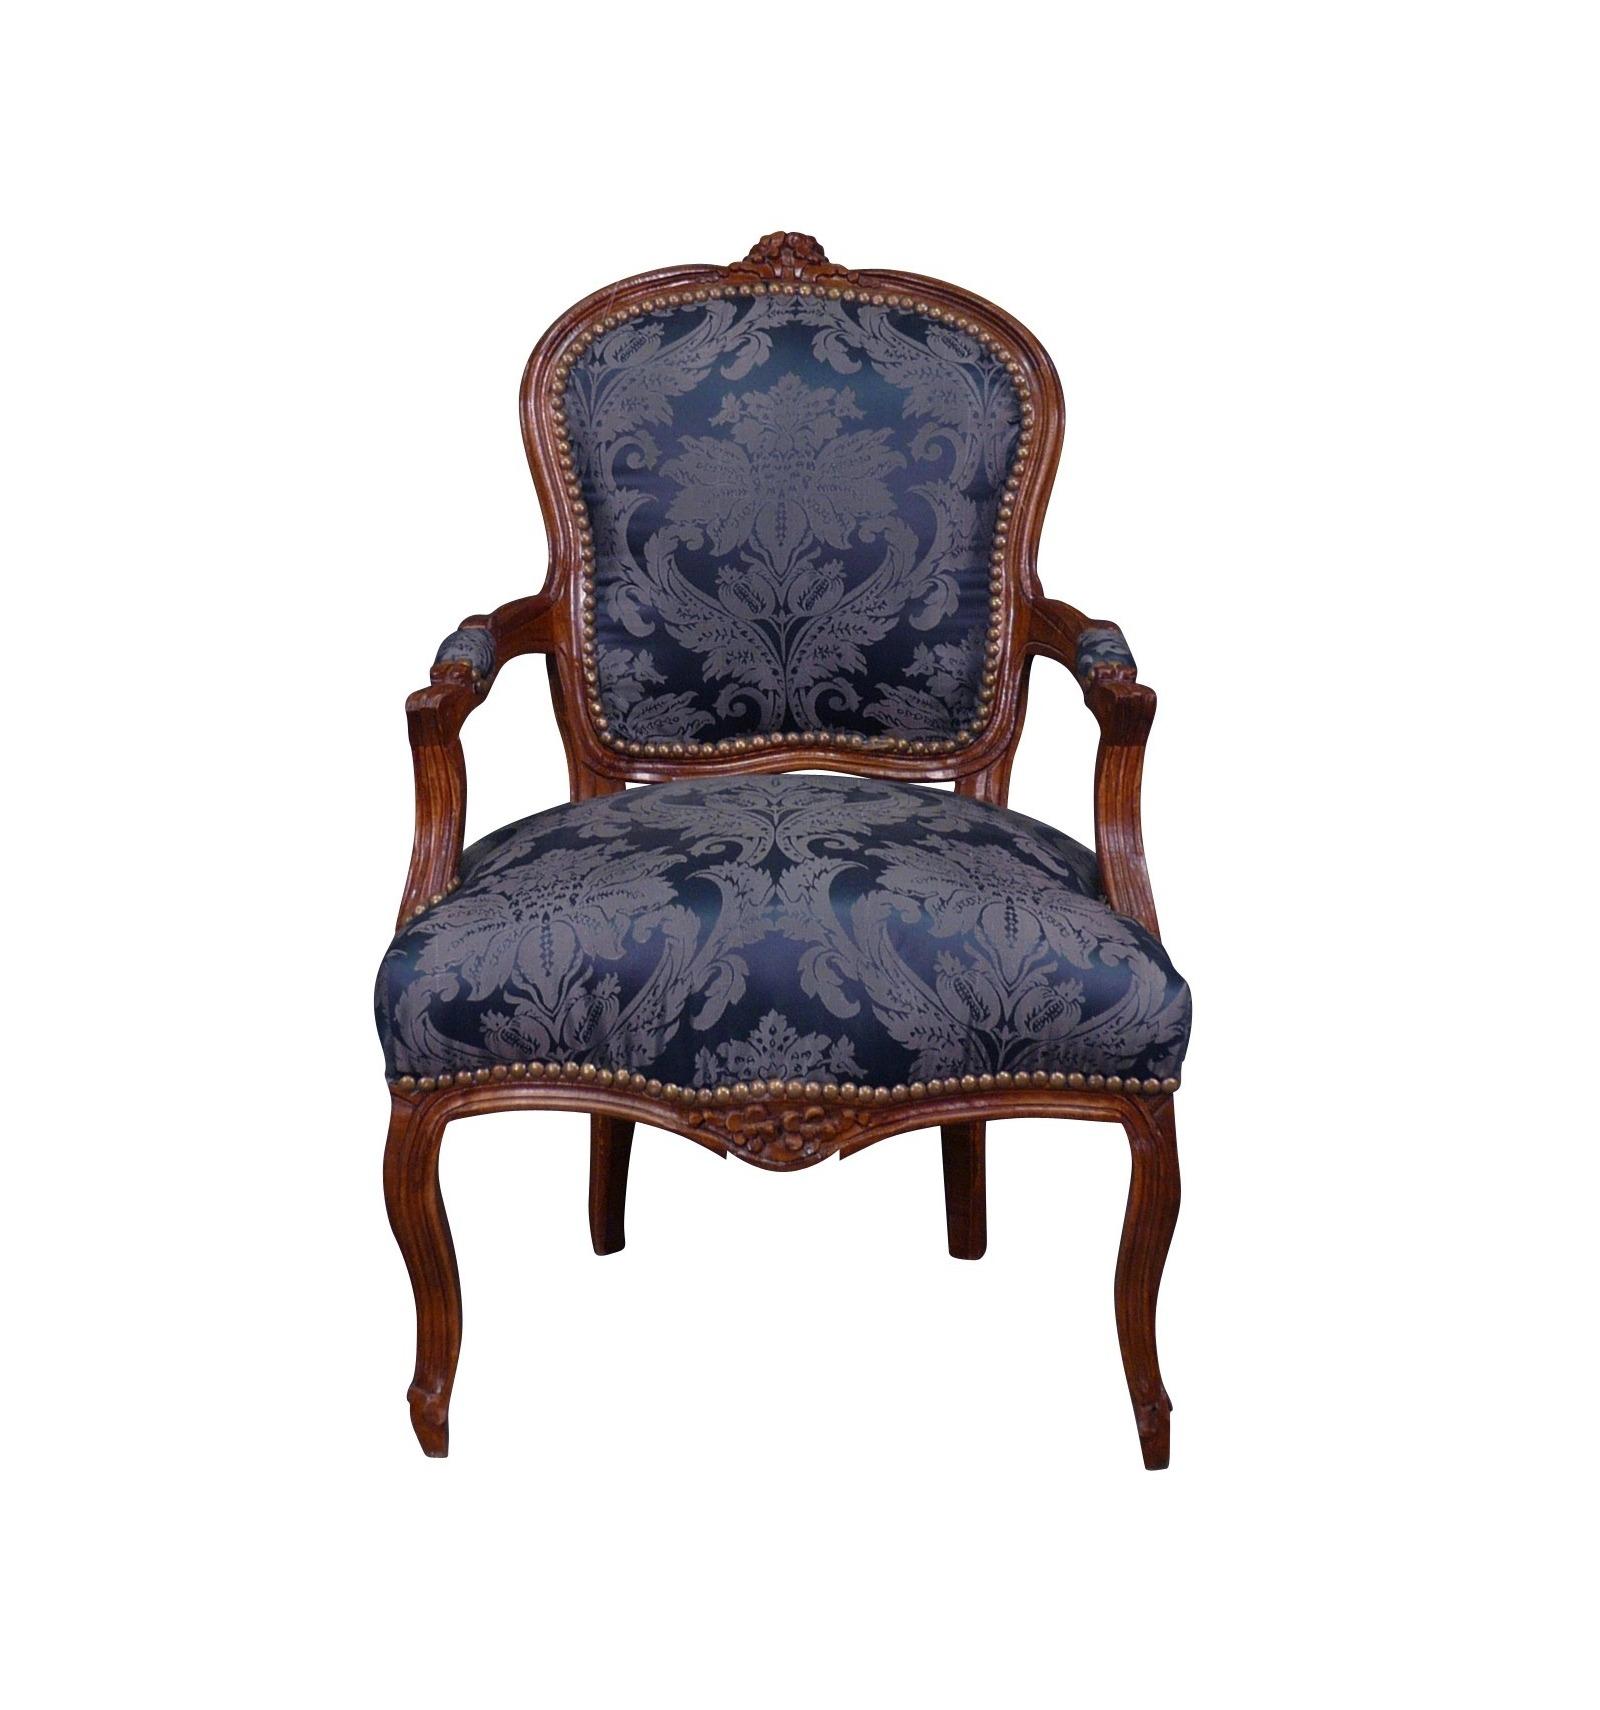 fauteuil louis xv bleu mobilier de style louis xv. Black Bedroom Furniture Sets. Home Design Ideas